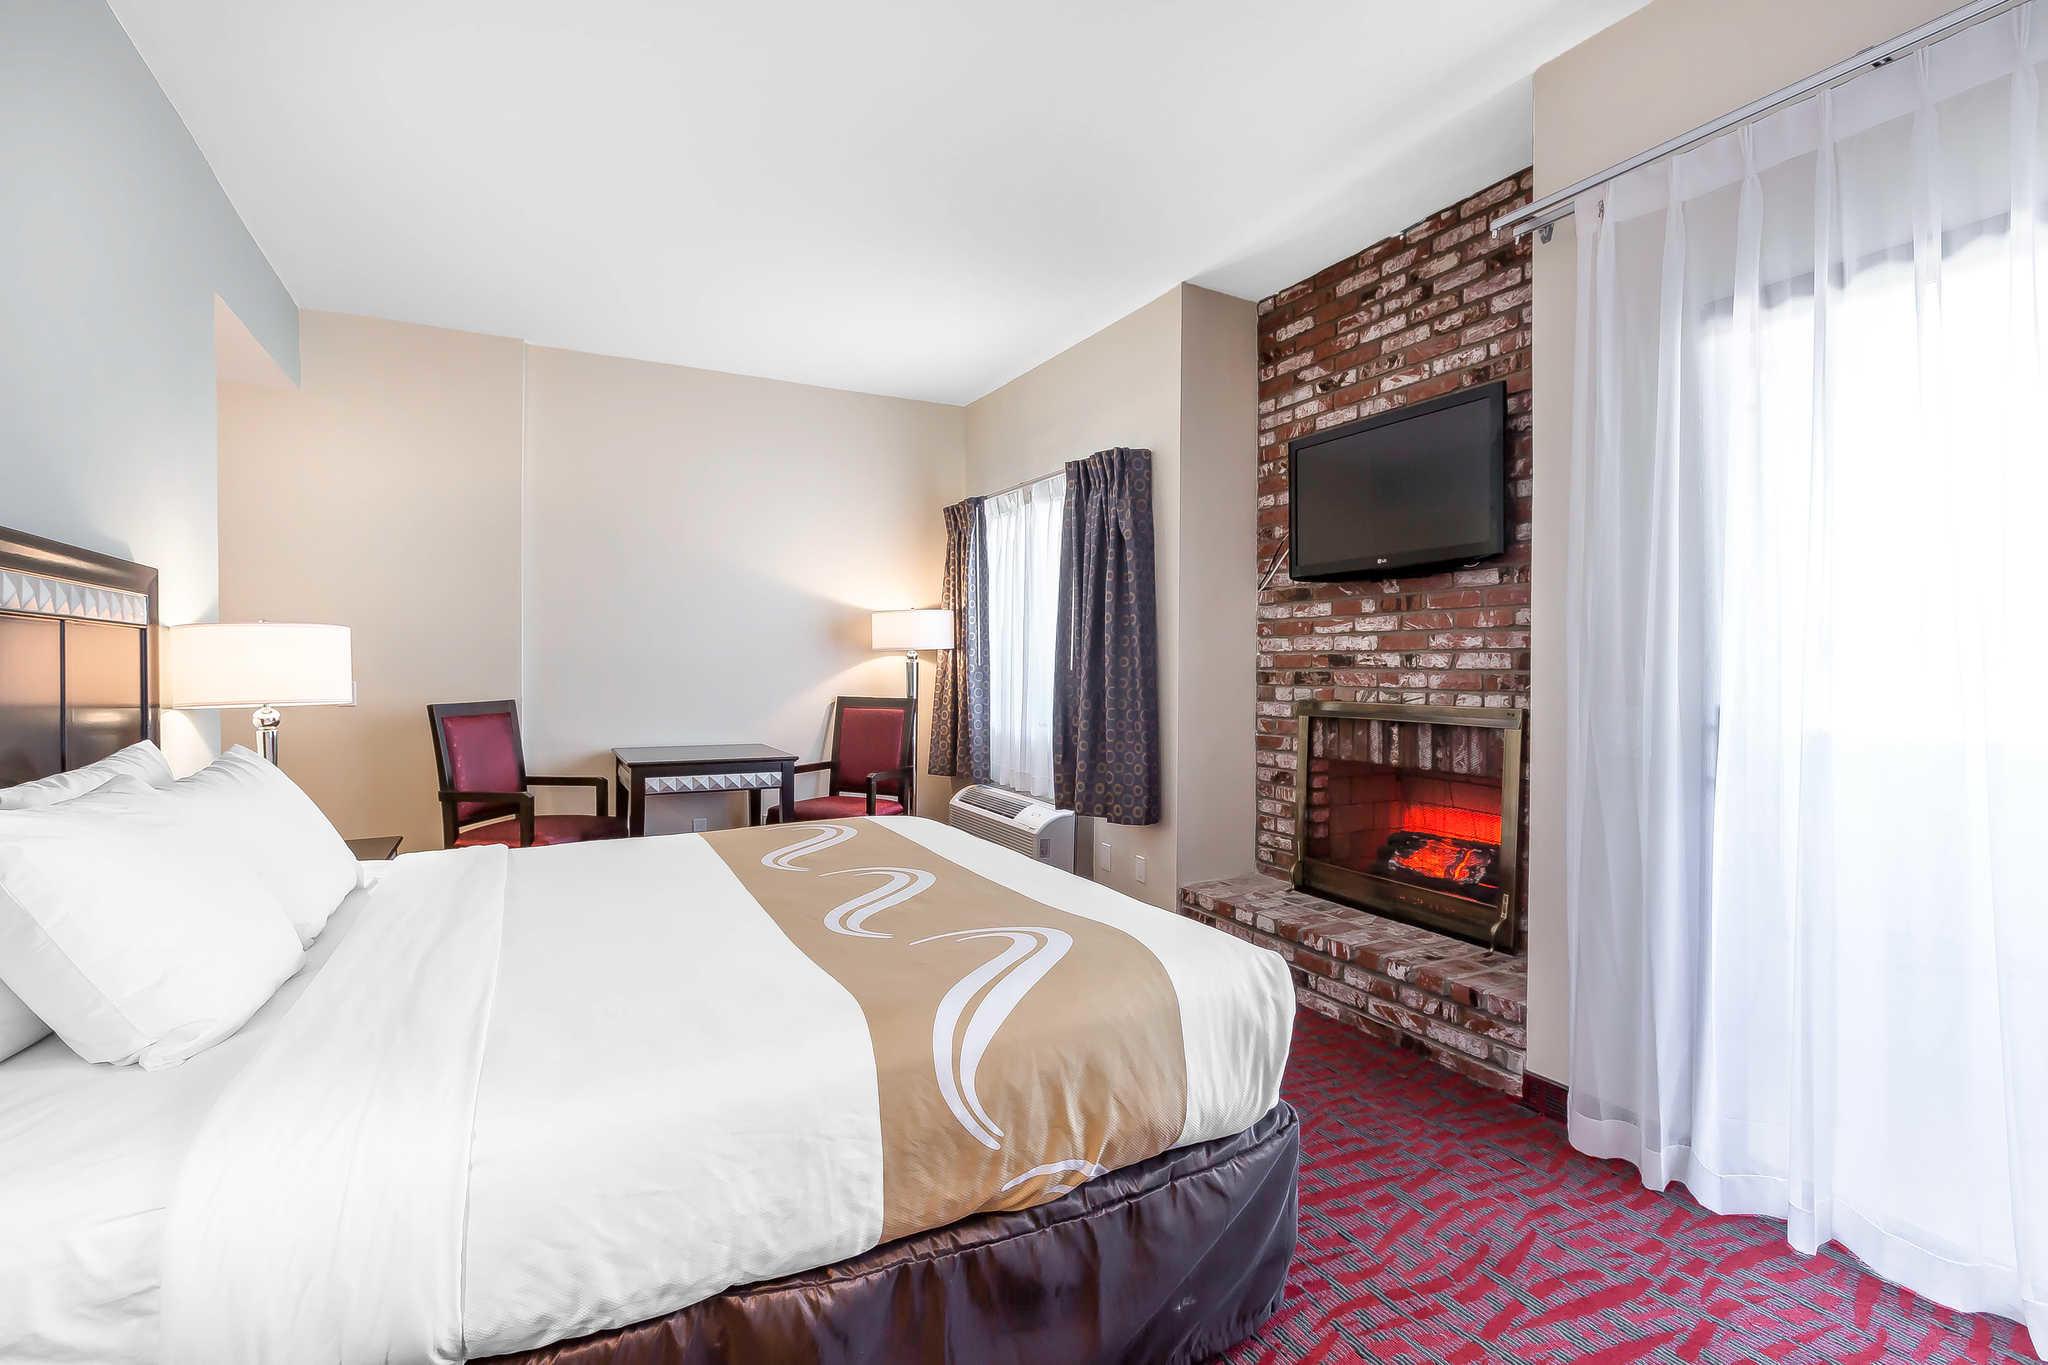 Quality Inn & Suites Irvine Spectrum image 20